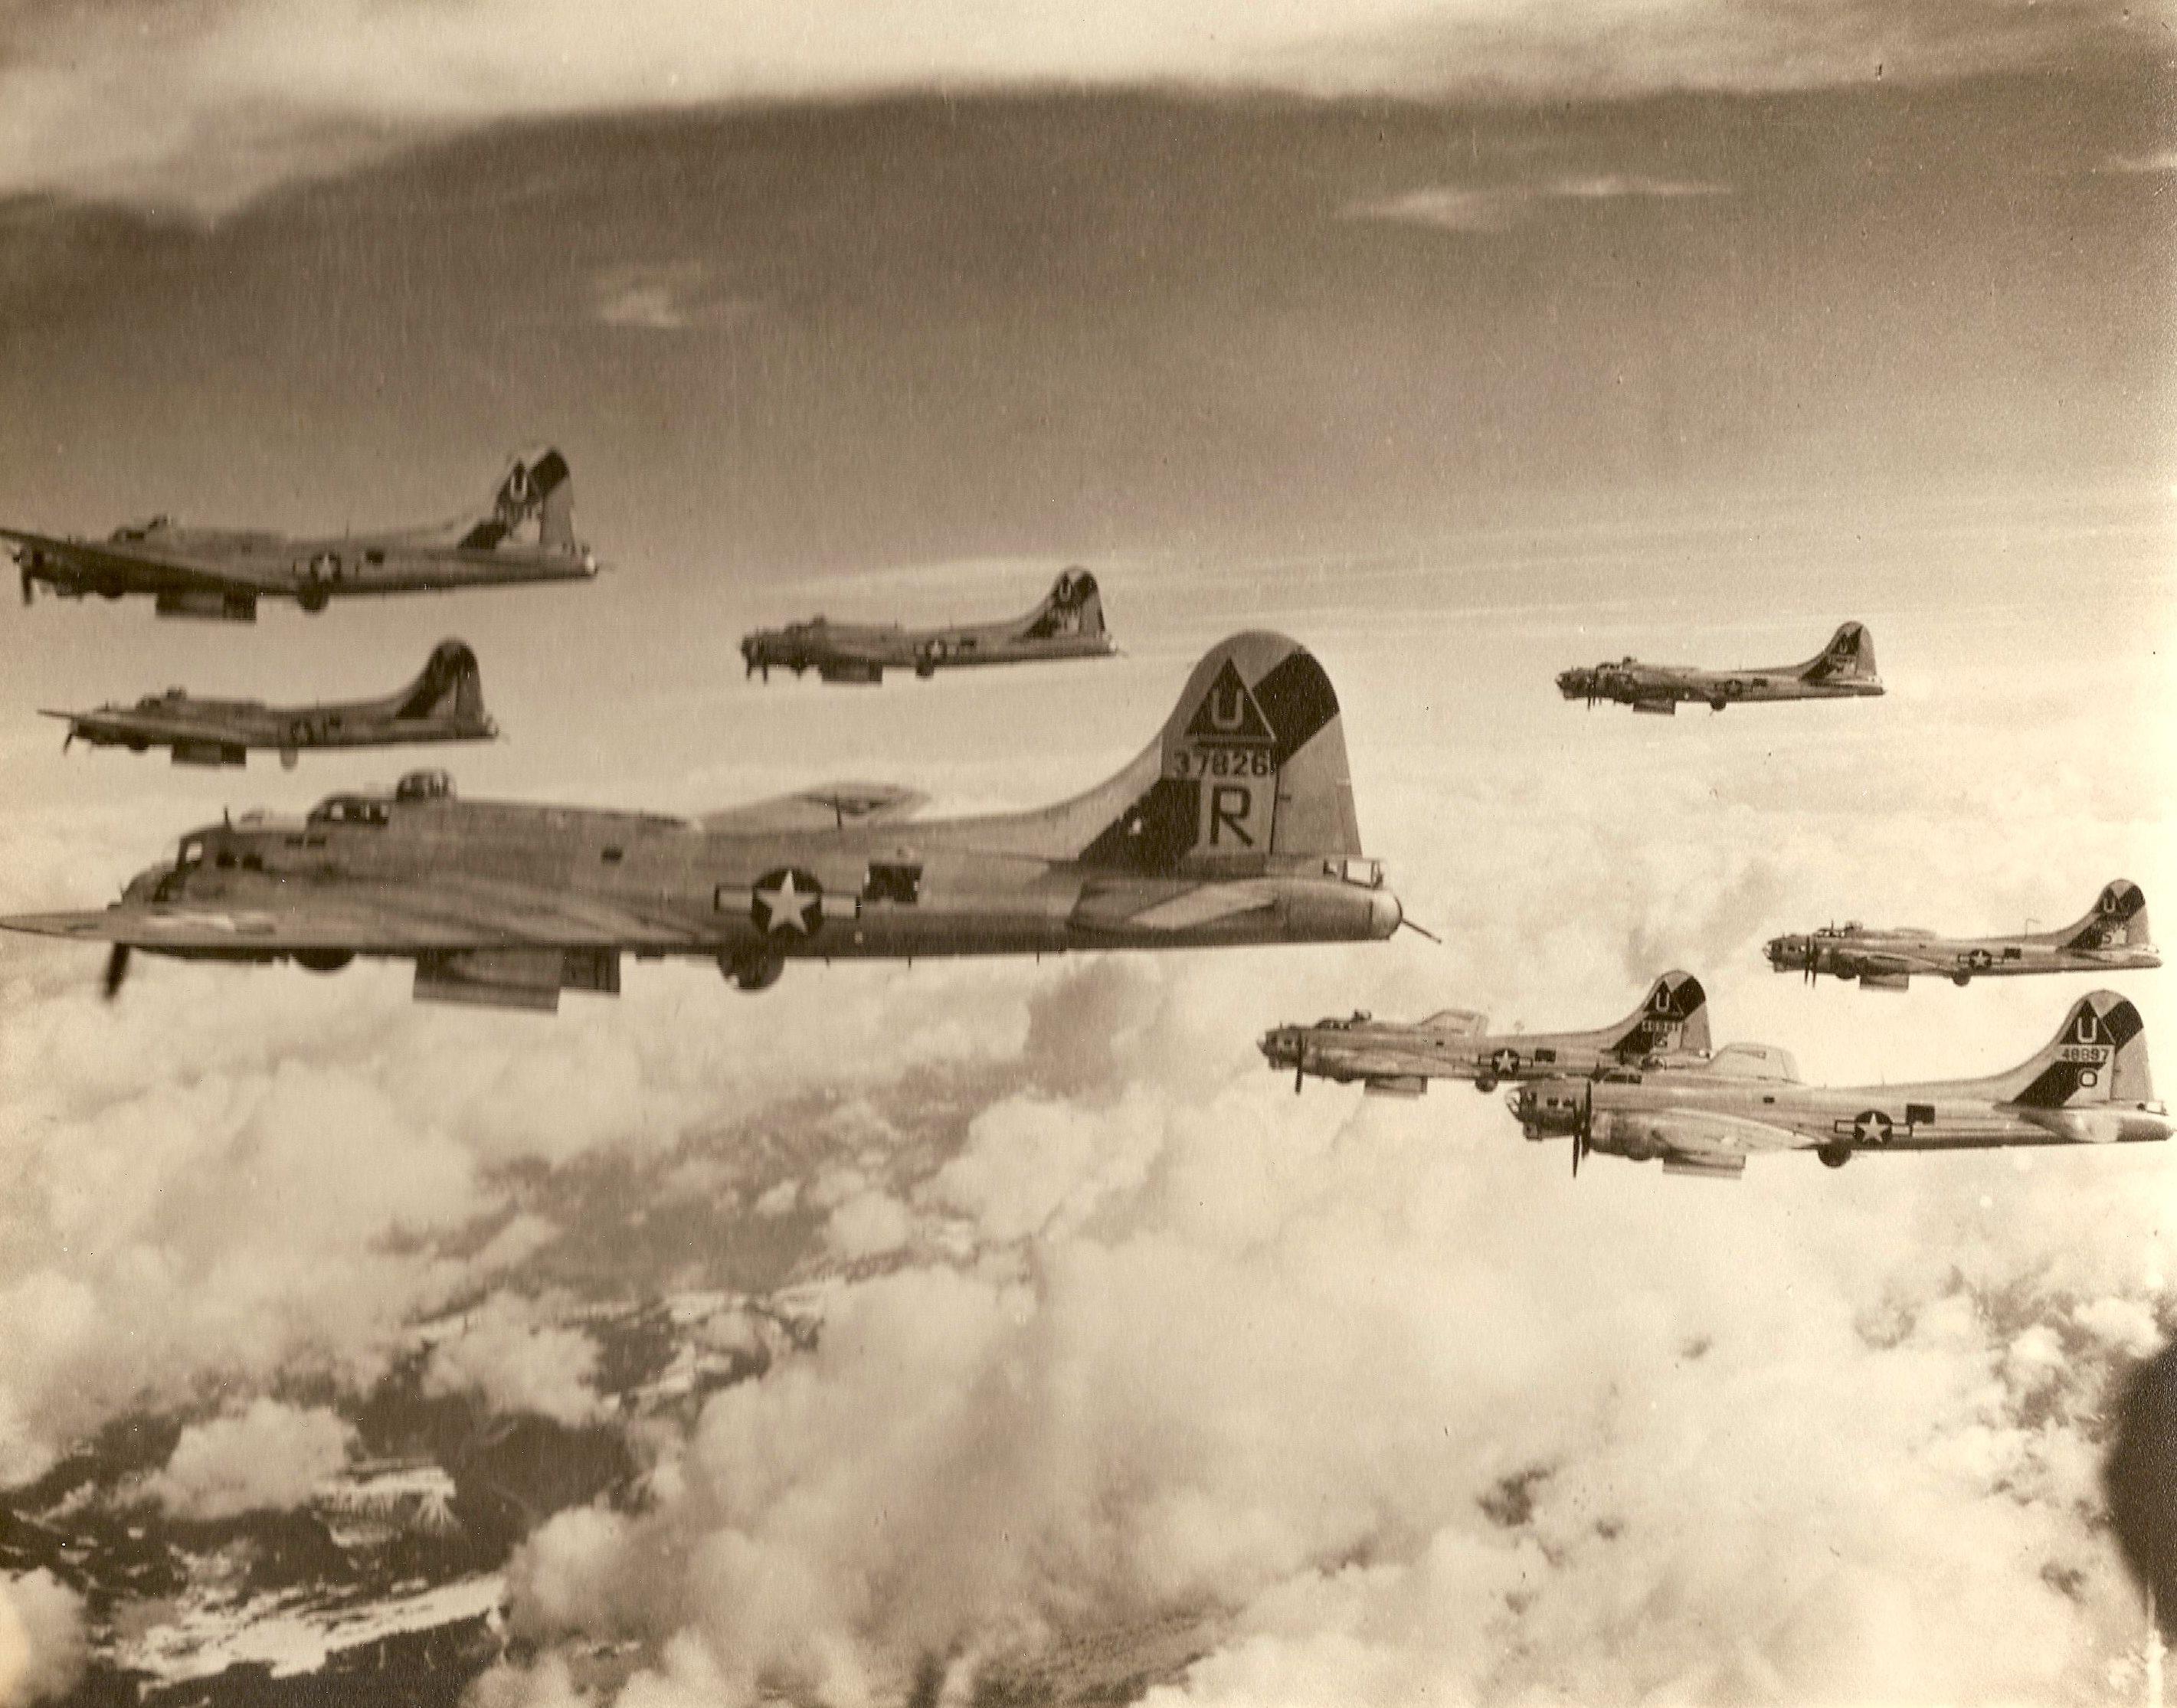 B-17 #43-37826 / Wild Hare